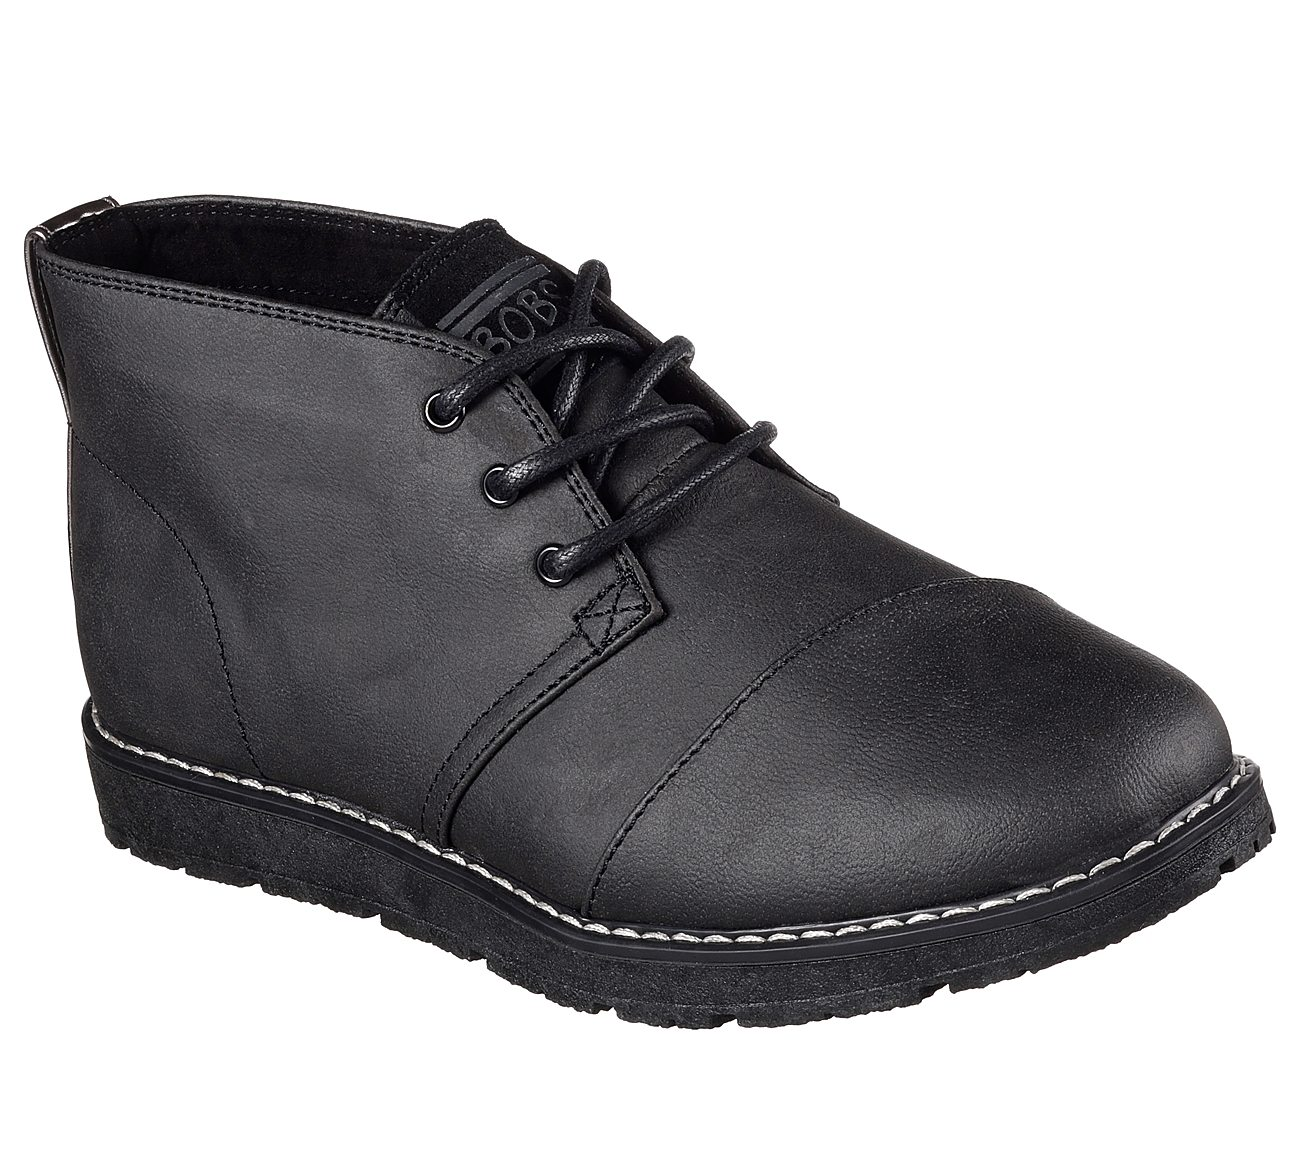 ca90551406c8 skechers bobs hiker ladies boots